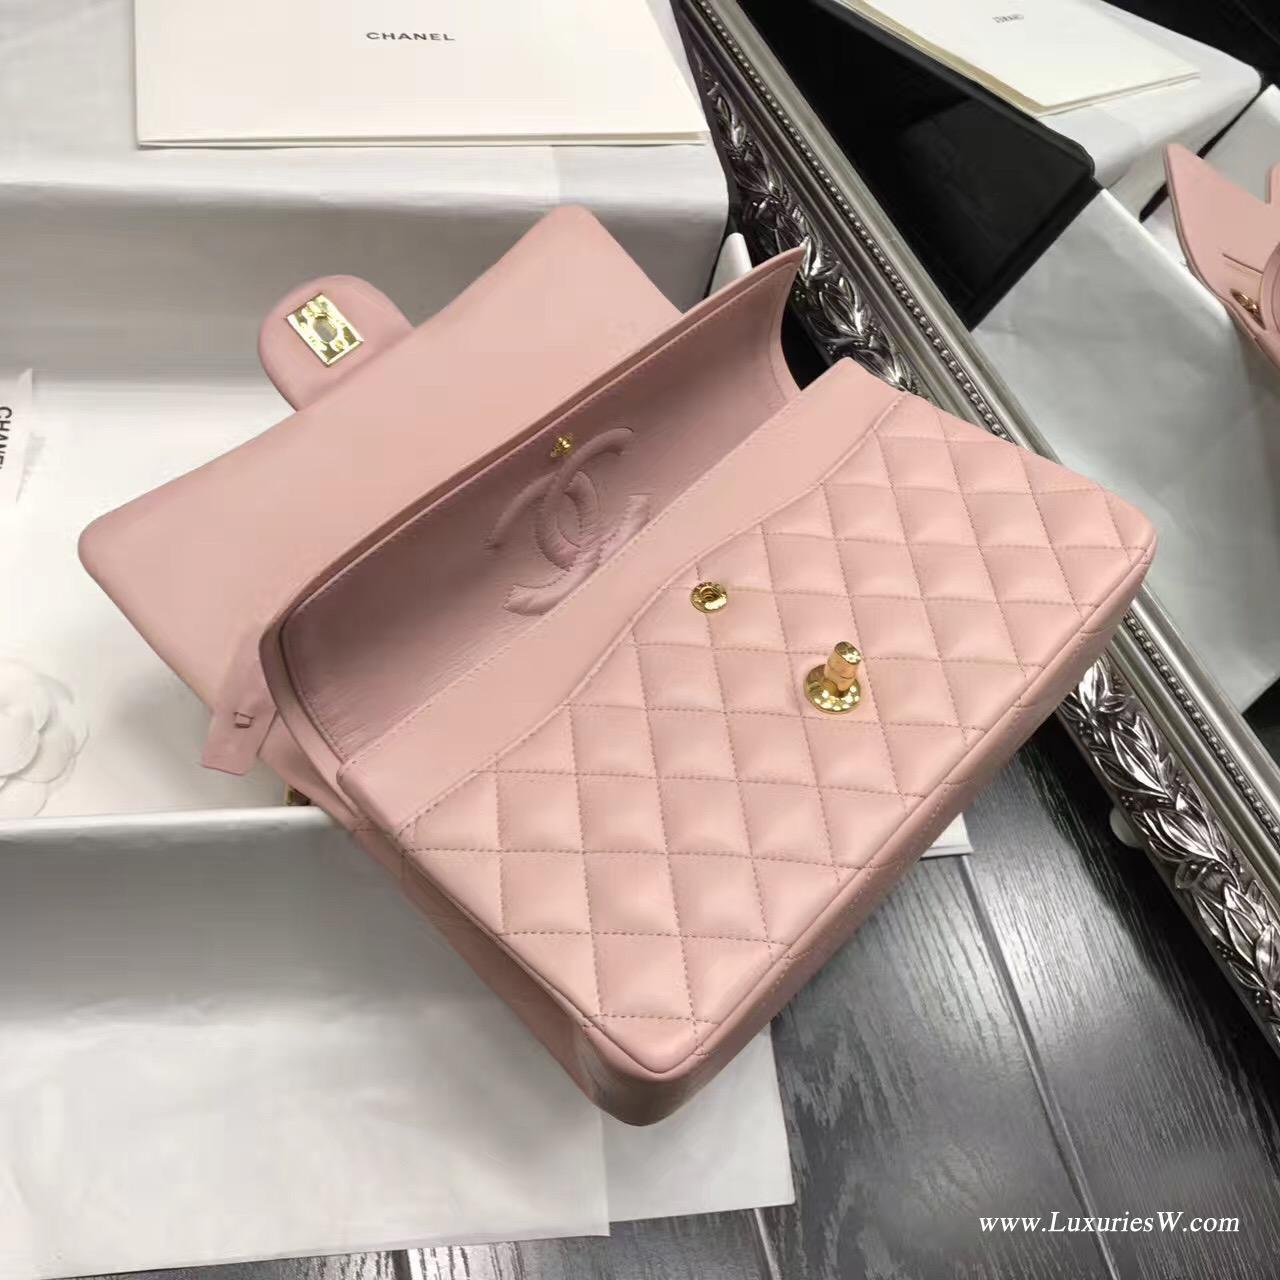 Classic Flap Bag A01112菱格鏈條 口蓋包 小羊皮金色金屬 浅粉色